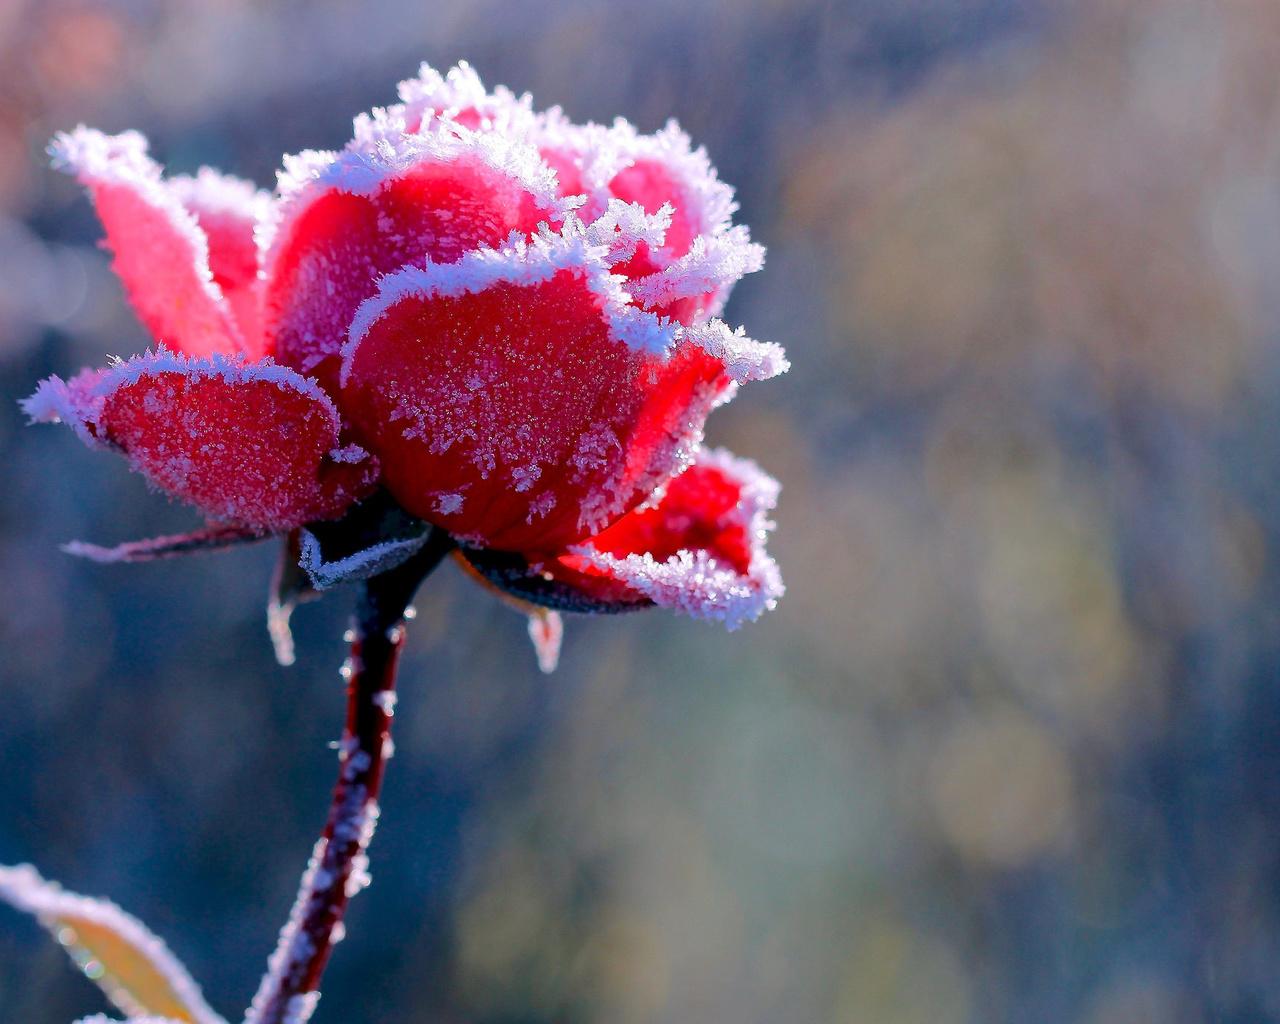 говорить мотрном, красивые картинки цветов и снега сестры